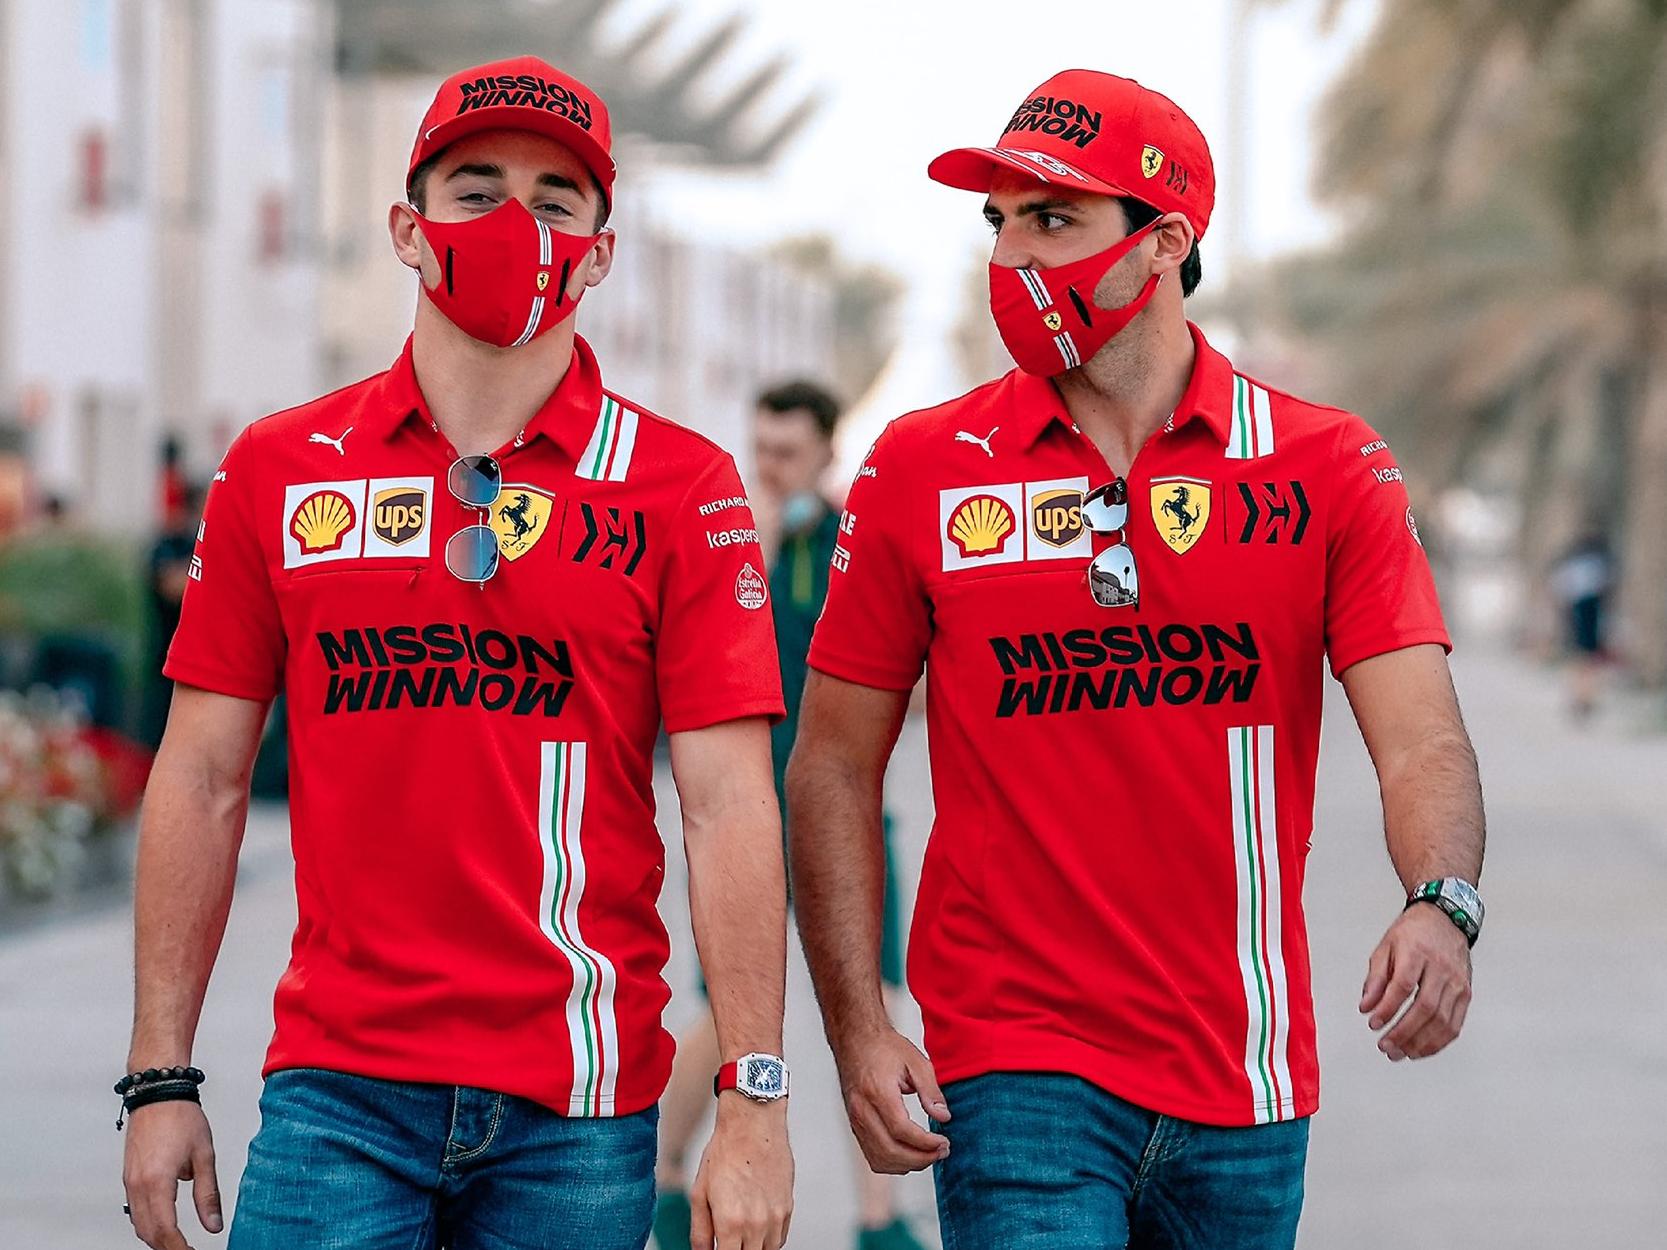 Leclerc e Sainz formam a dupla de pilotos da Ferrari